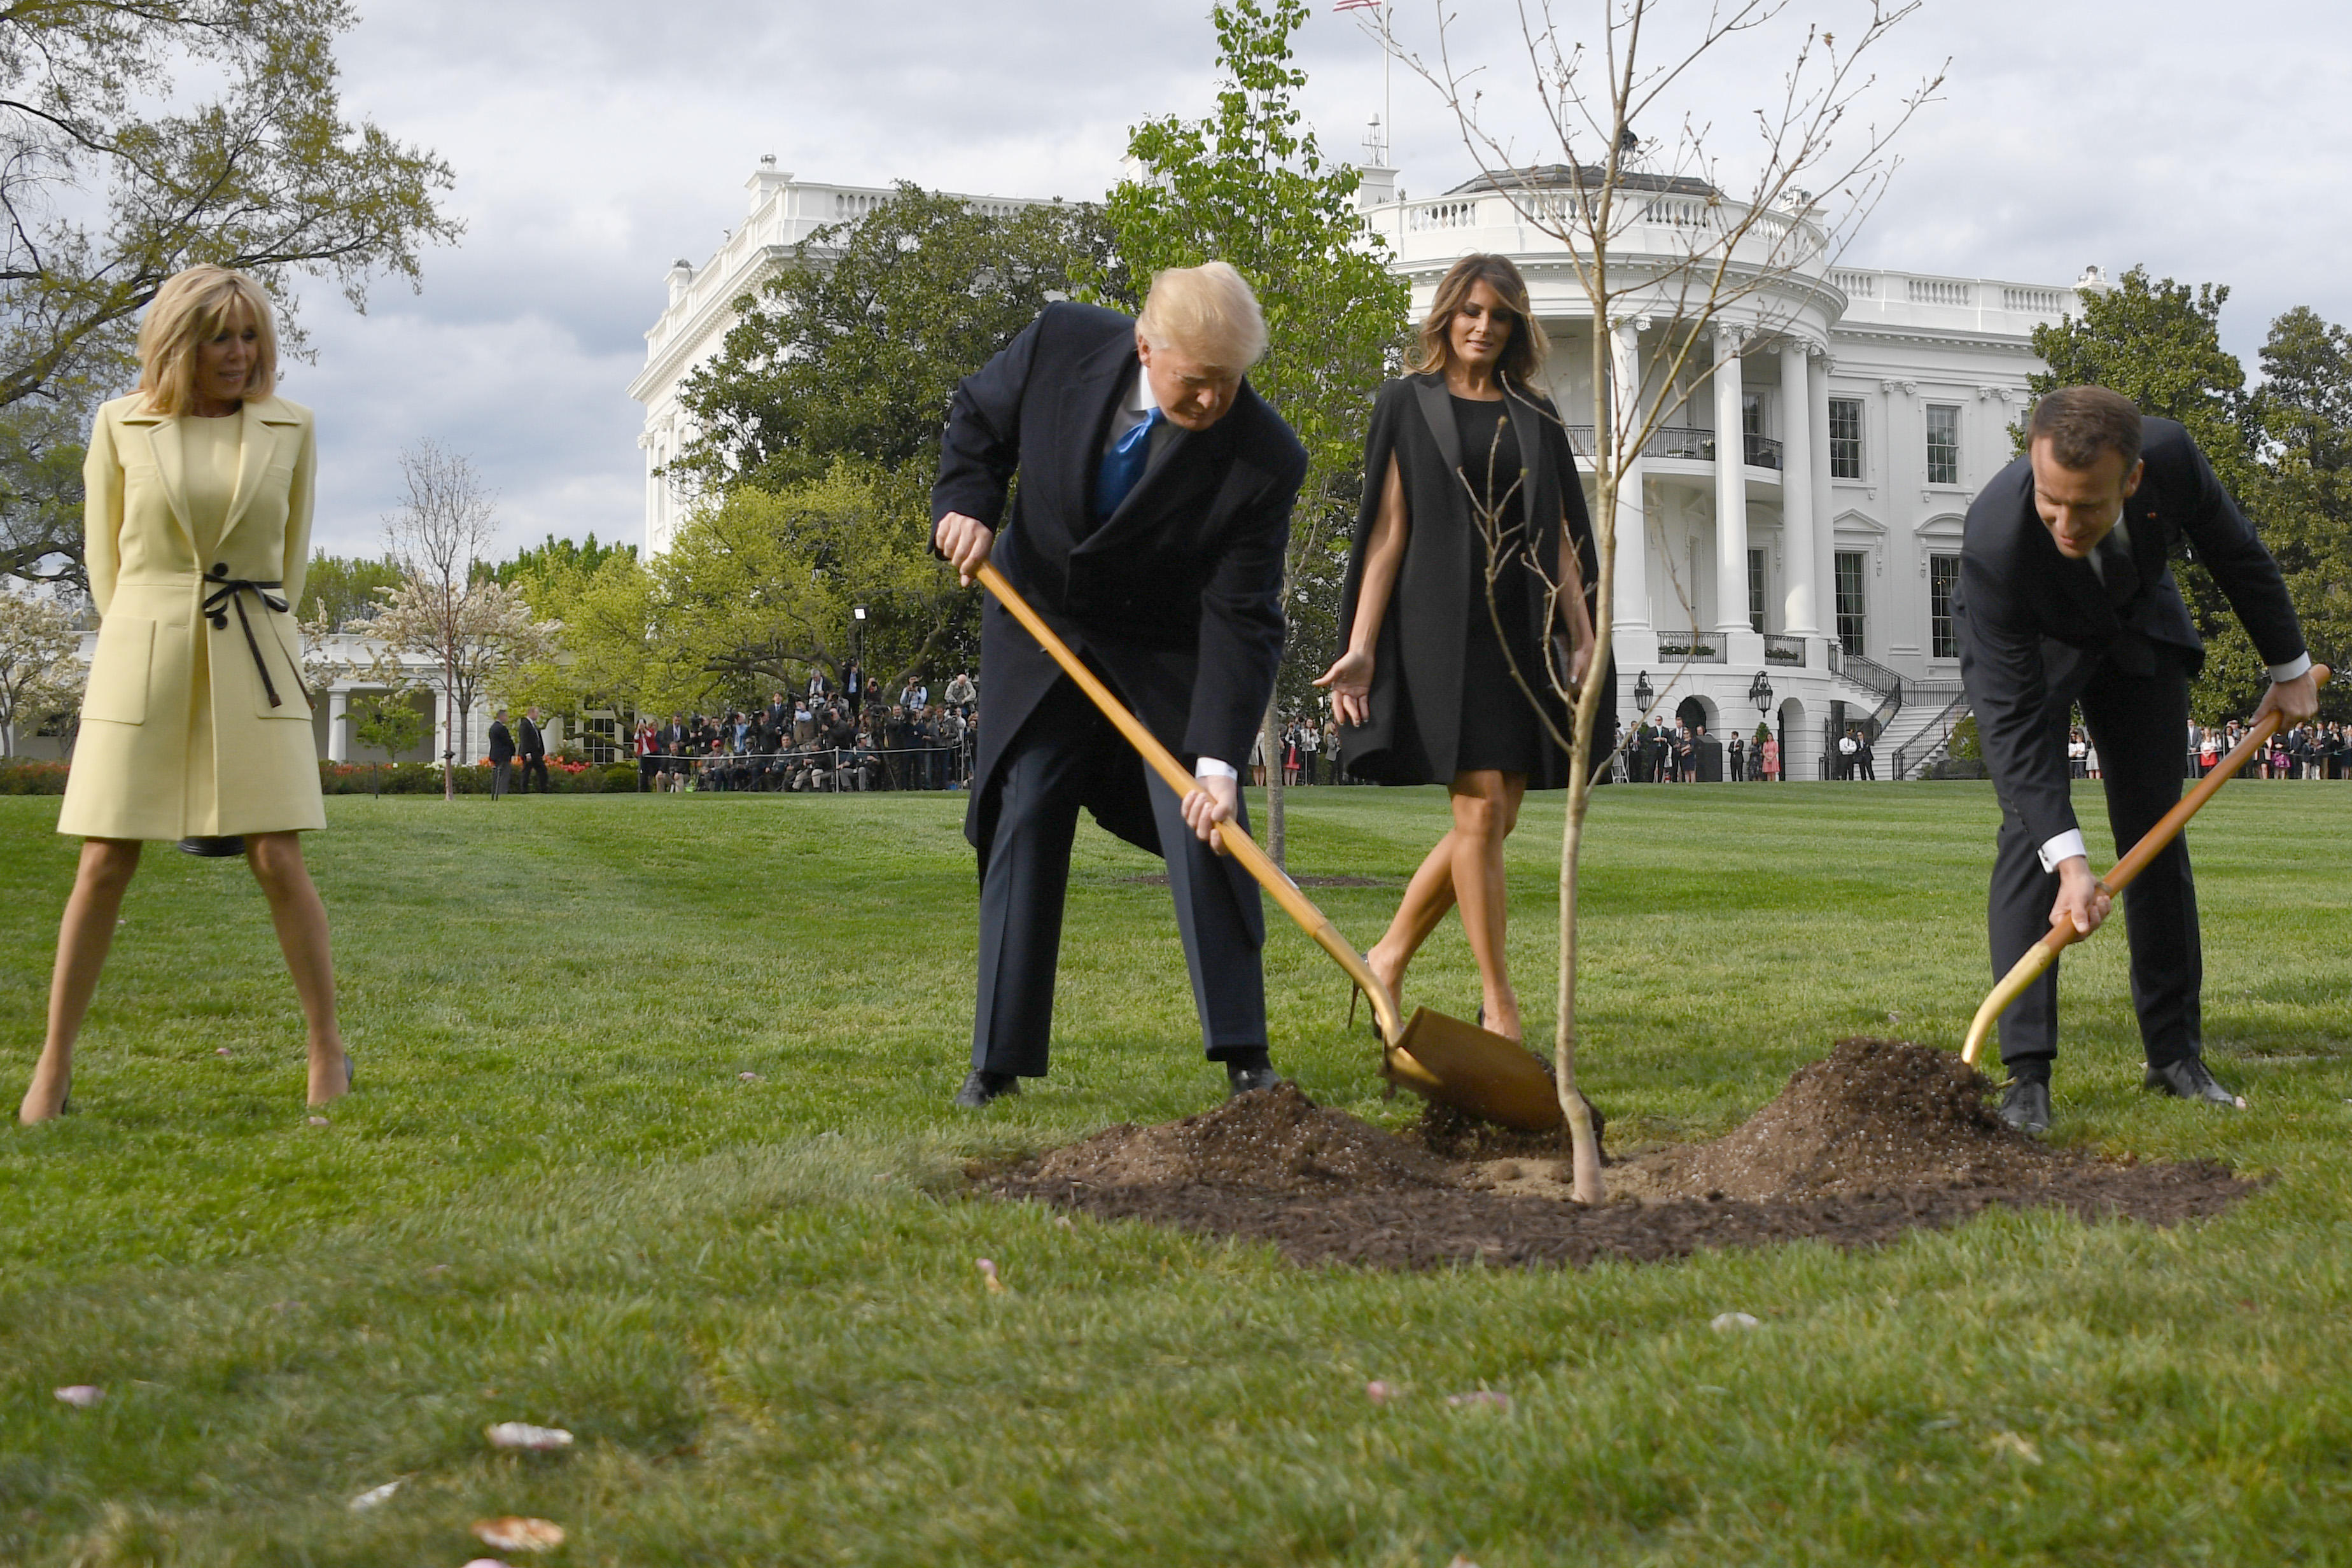 Morta quercia dell'amicizia Trump-Macron - Ultima Ora